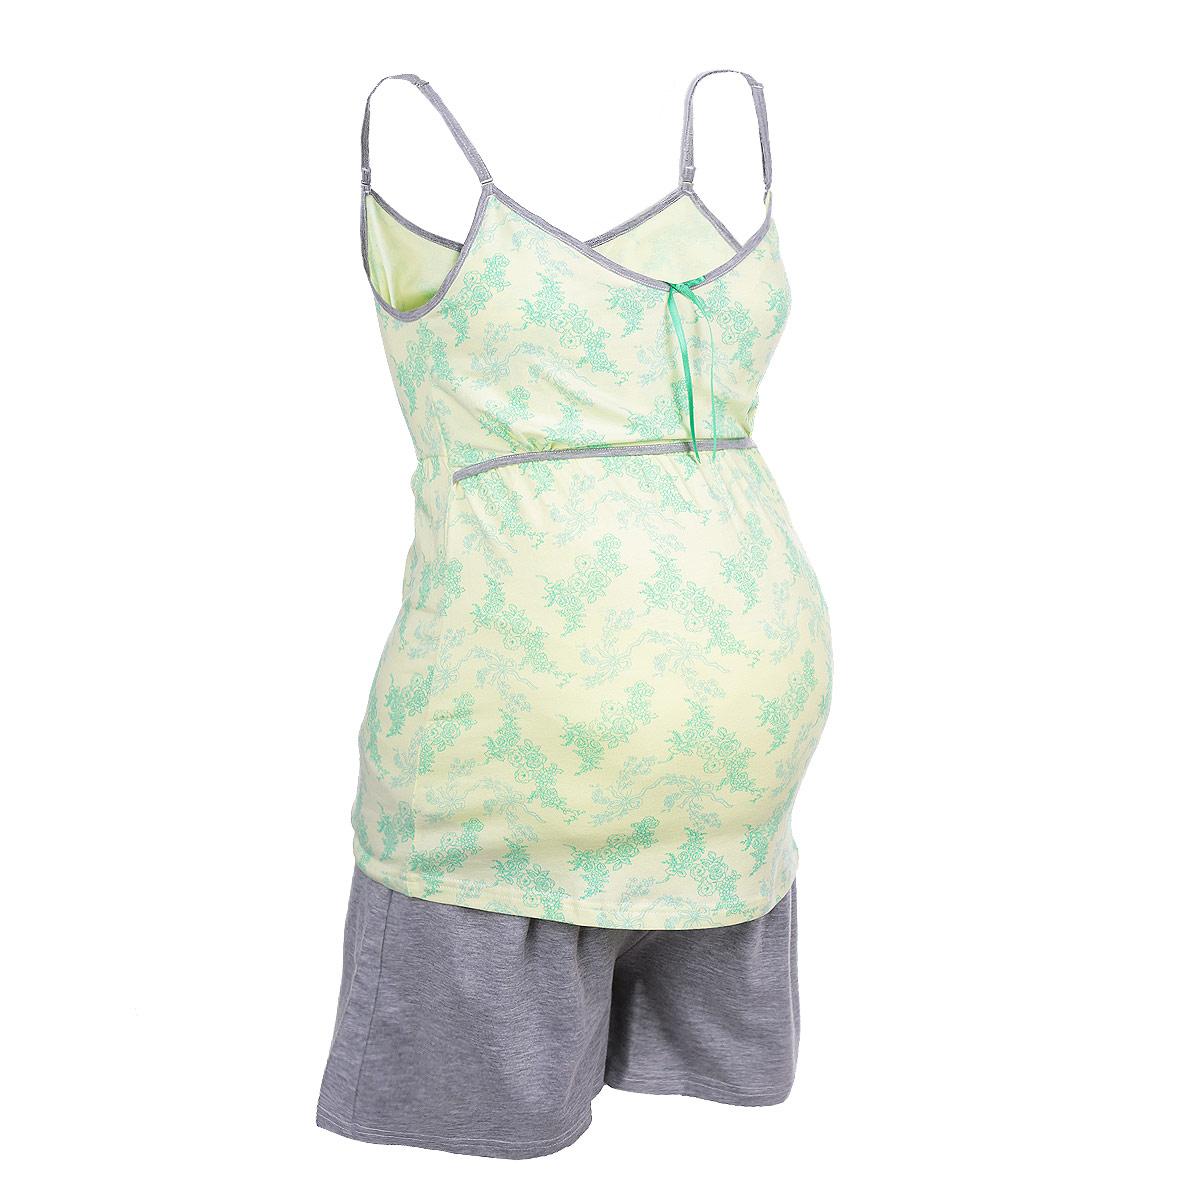 Пижама24142Удобная и стильная пижама для беременных и кормящих мам Мамин Дом, изготовленная из эластичного хлопка, подчеркнет ваше очарование в этот прекрасный период вашей жизни. Топ на тонких бретелях оформлен очаровательным цветочным принтом и украшен декоративным бантиком, а штанишки выполнены в контрастных цветах. Бретельки регулируются по длине. Благодаря свободному крою, она подарит вам комфорт на любом сроке беременности, и после родов. Секрет для кормления в виде двойного топа обеспечивает удобный и быстрый доступ к груди, и хорошую поддержку. Широкий и эластичный пояс великолепно садится по бедрам и легко приспосабливается к растущему животику. Пижама сочетается с кардиганом арт. 25307 Skylight. Такая пижама сделает отдых будущей мамы комфортным. Одежда, изготовленная из хлопка, приятна к телу, сохраняет тепло в холодное время года и дарит прохладу в теплое, позволяет коже дышать.